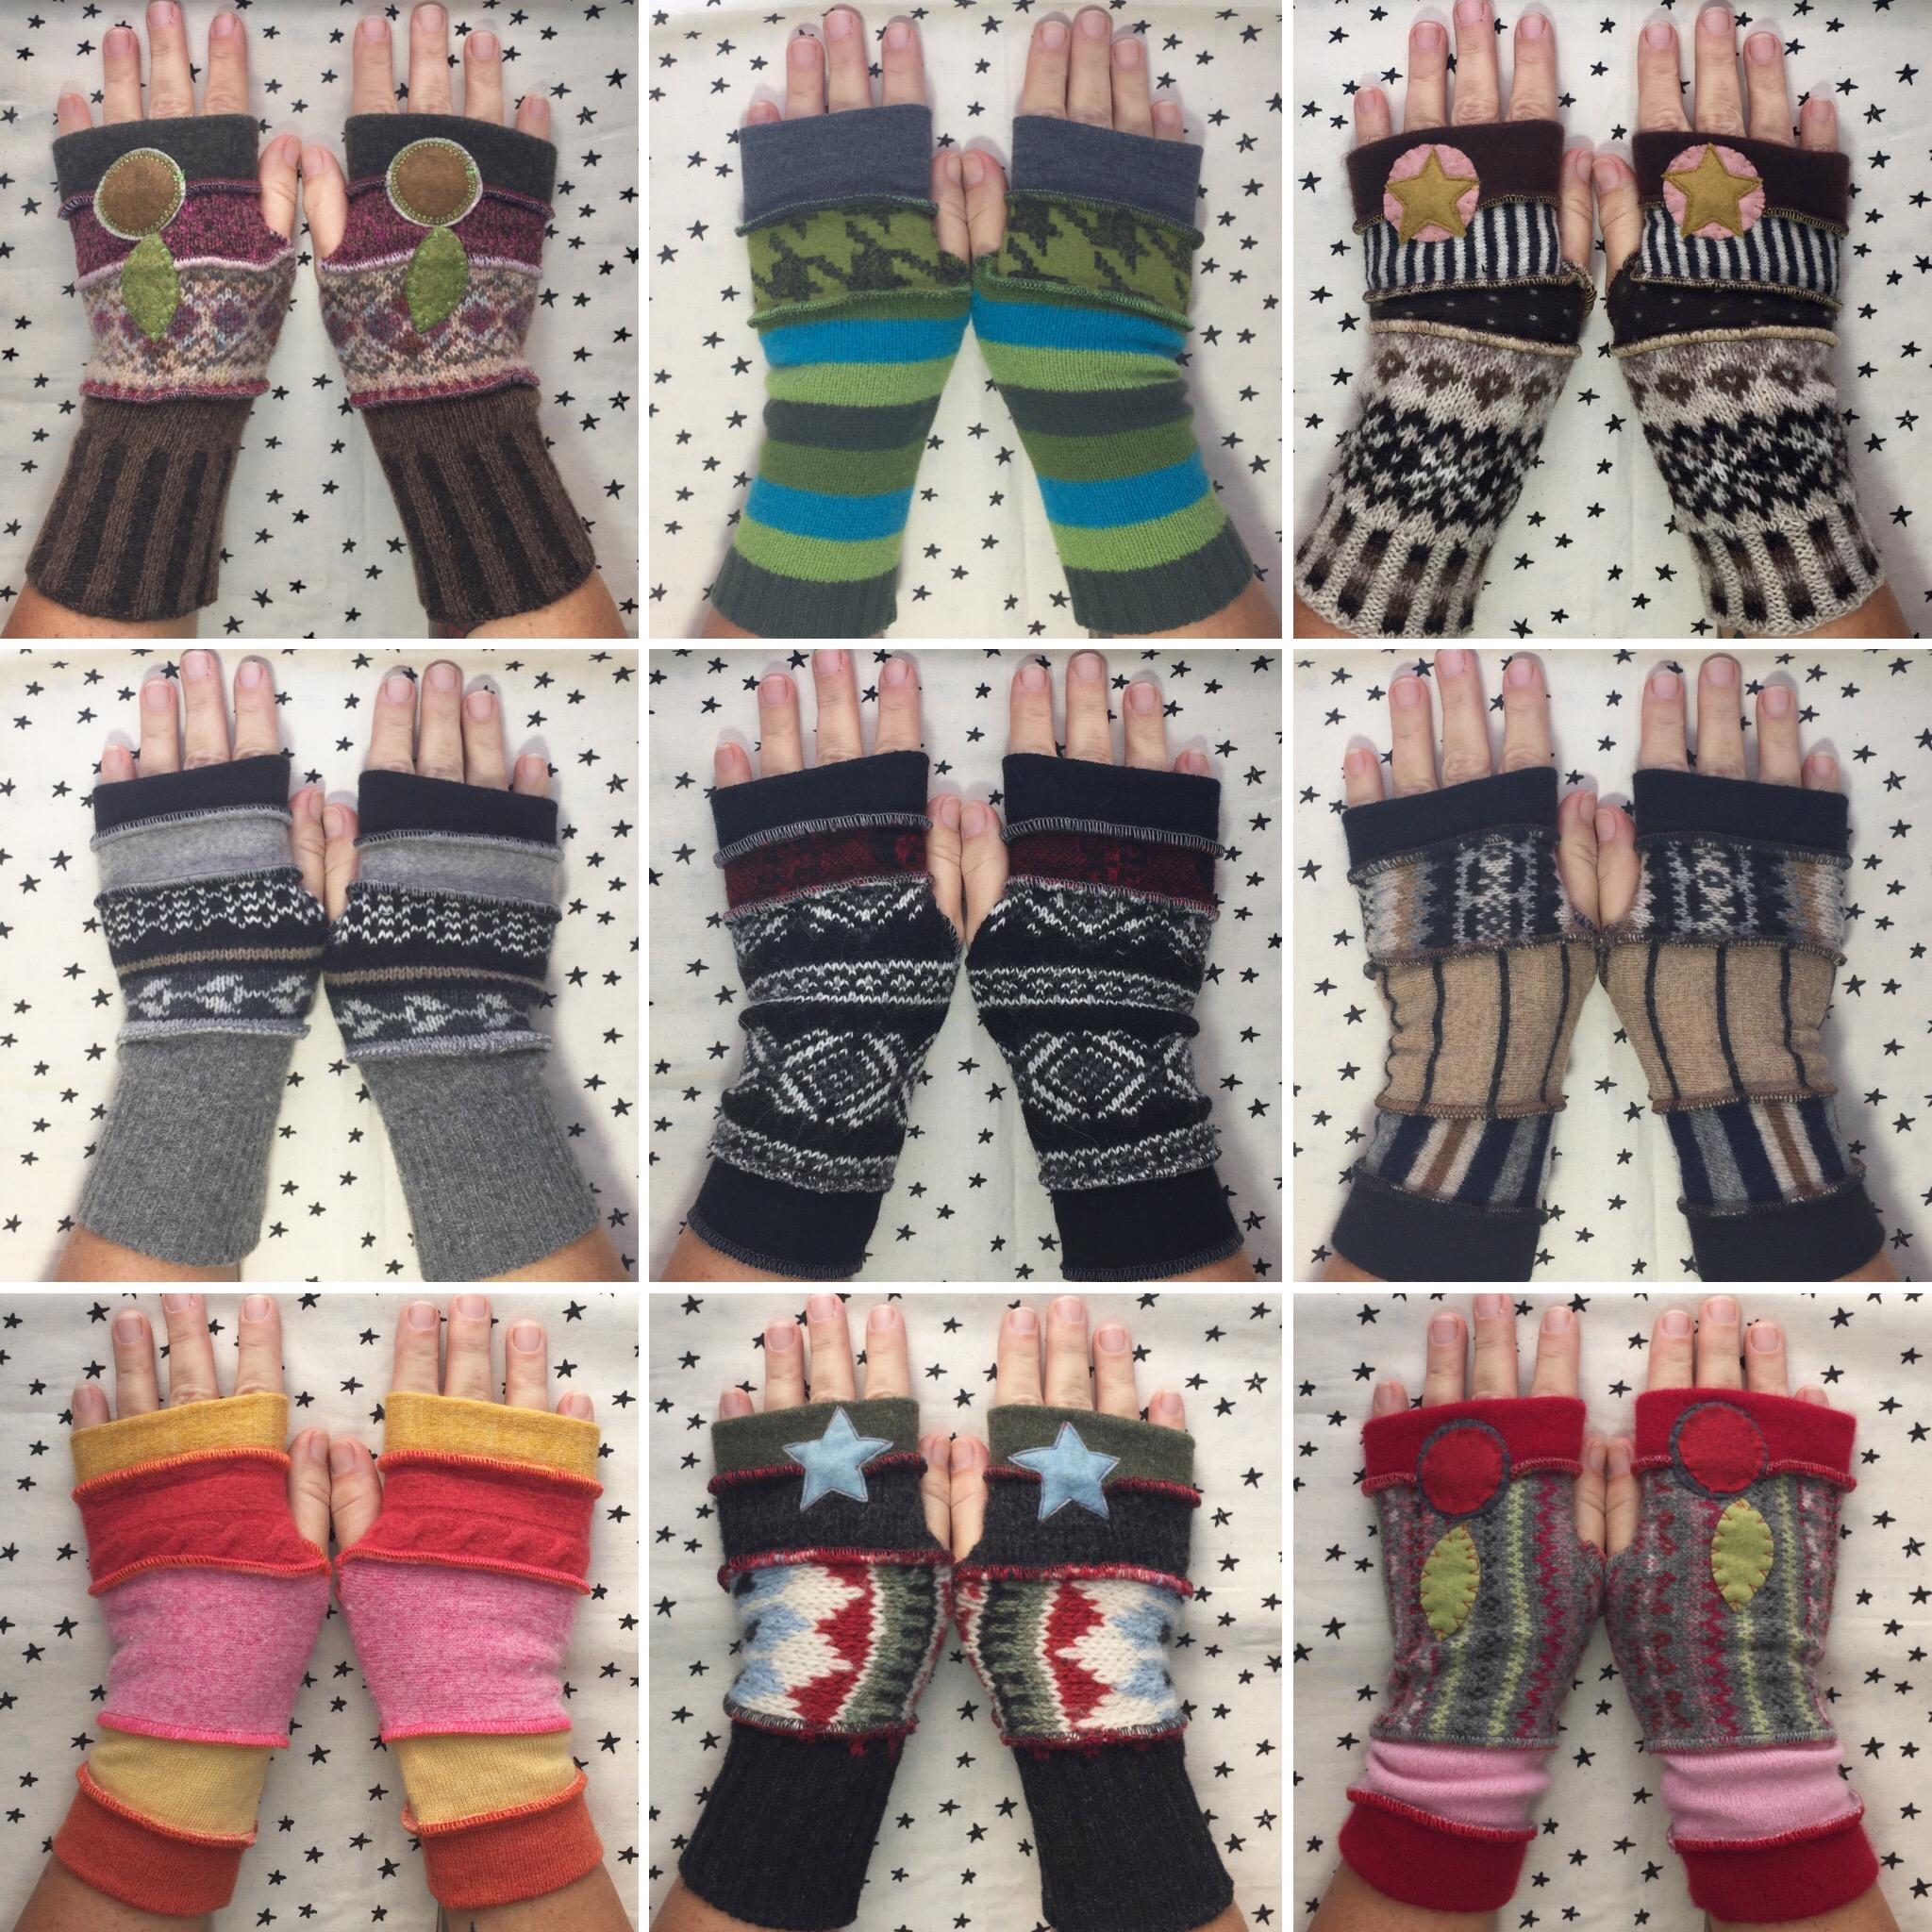 Zoe Wylychenko - Zoe Jones Designs, Textiles